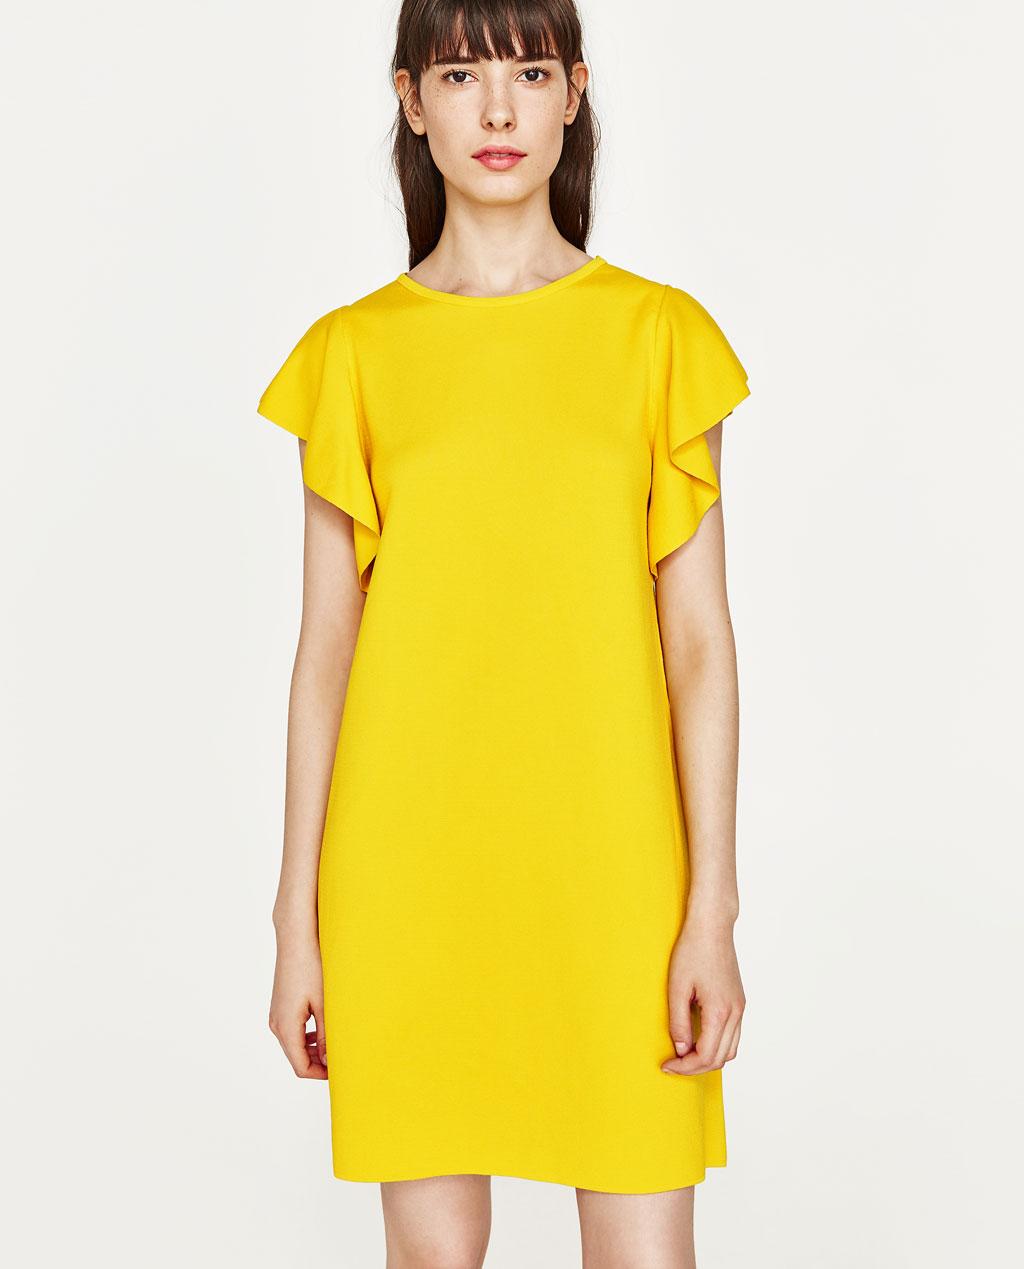 żółta minimalistyczna do połowy uda sukienka na wesele z falbaniastymi rękawkami